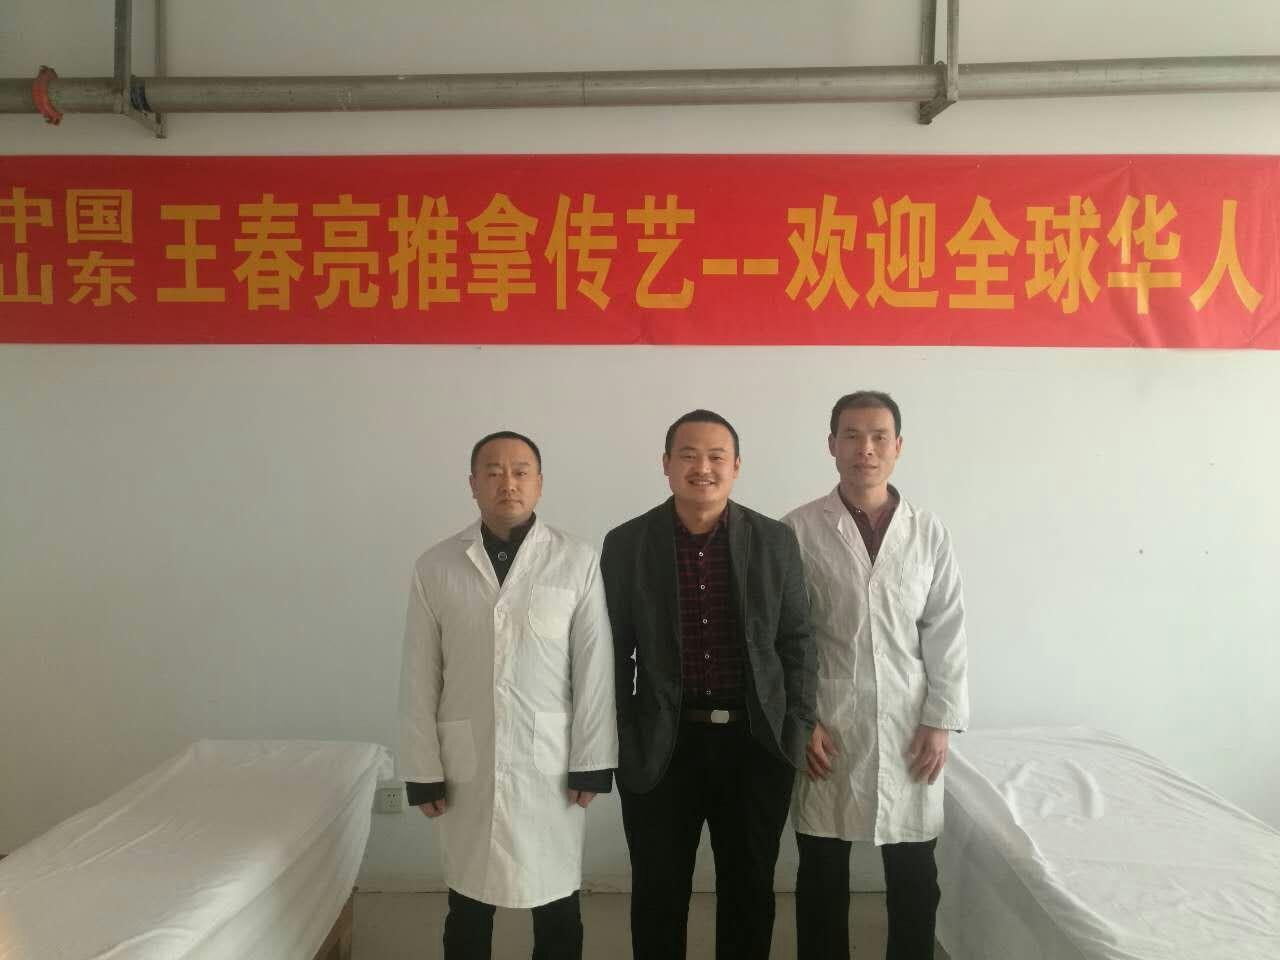 王春亮阿育吠陀推拿按摩技术2018年培训班内容